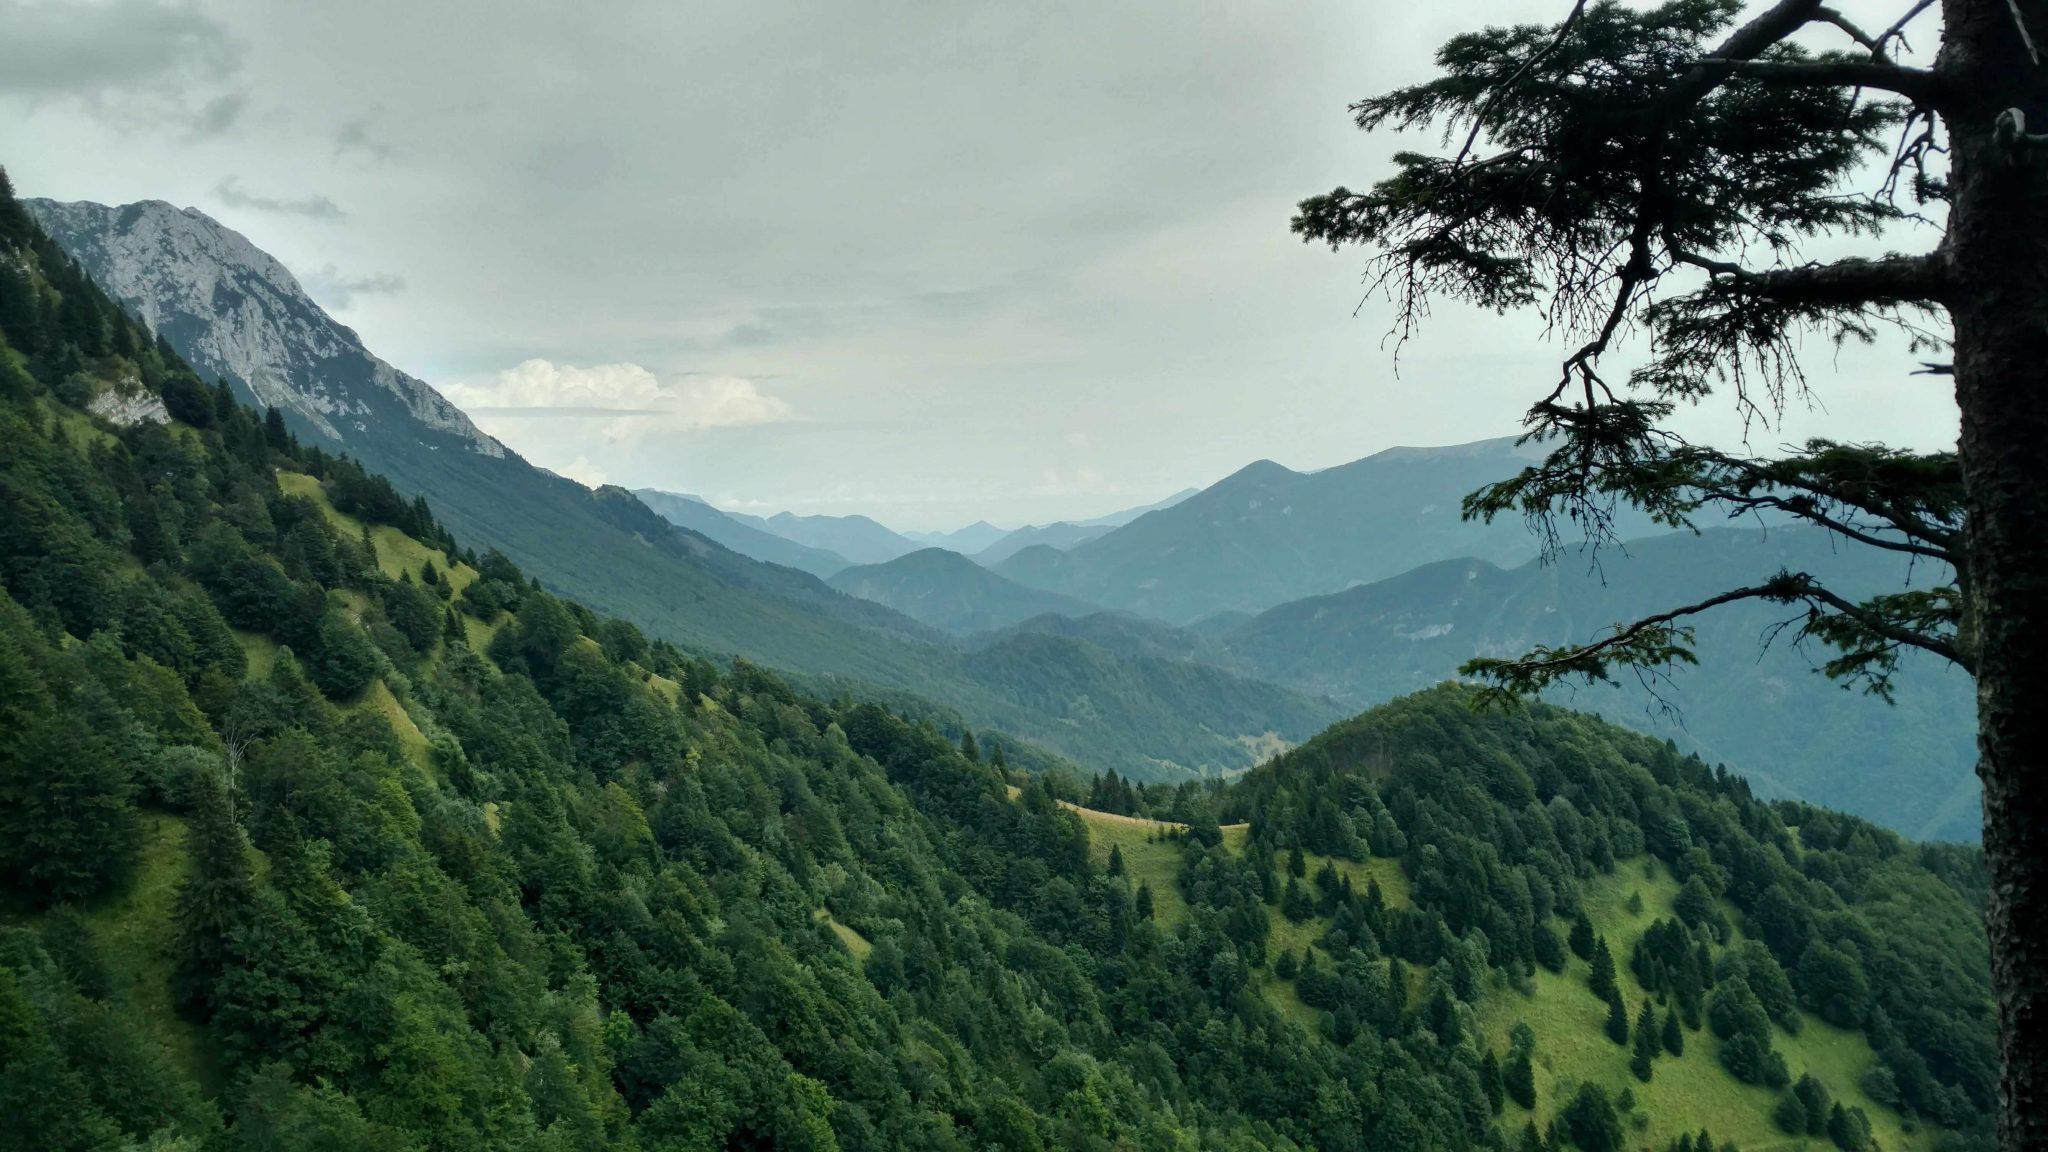 De_route_naar_Bača_of_Podbrdo_slovenië